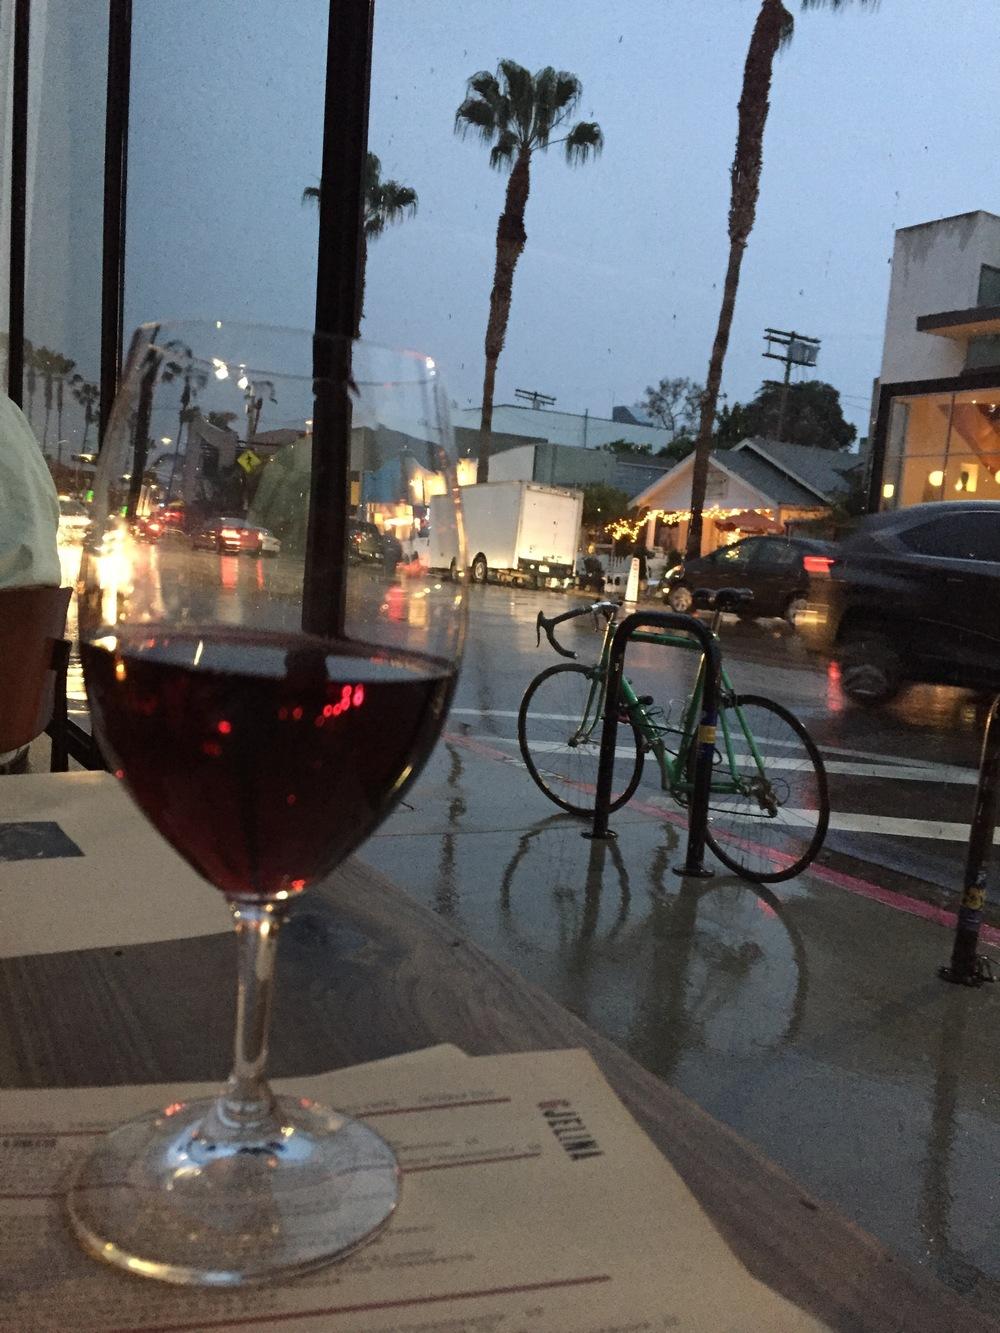 Finally tried Gjelina in Venice on a rainy night. Totally worth it.